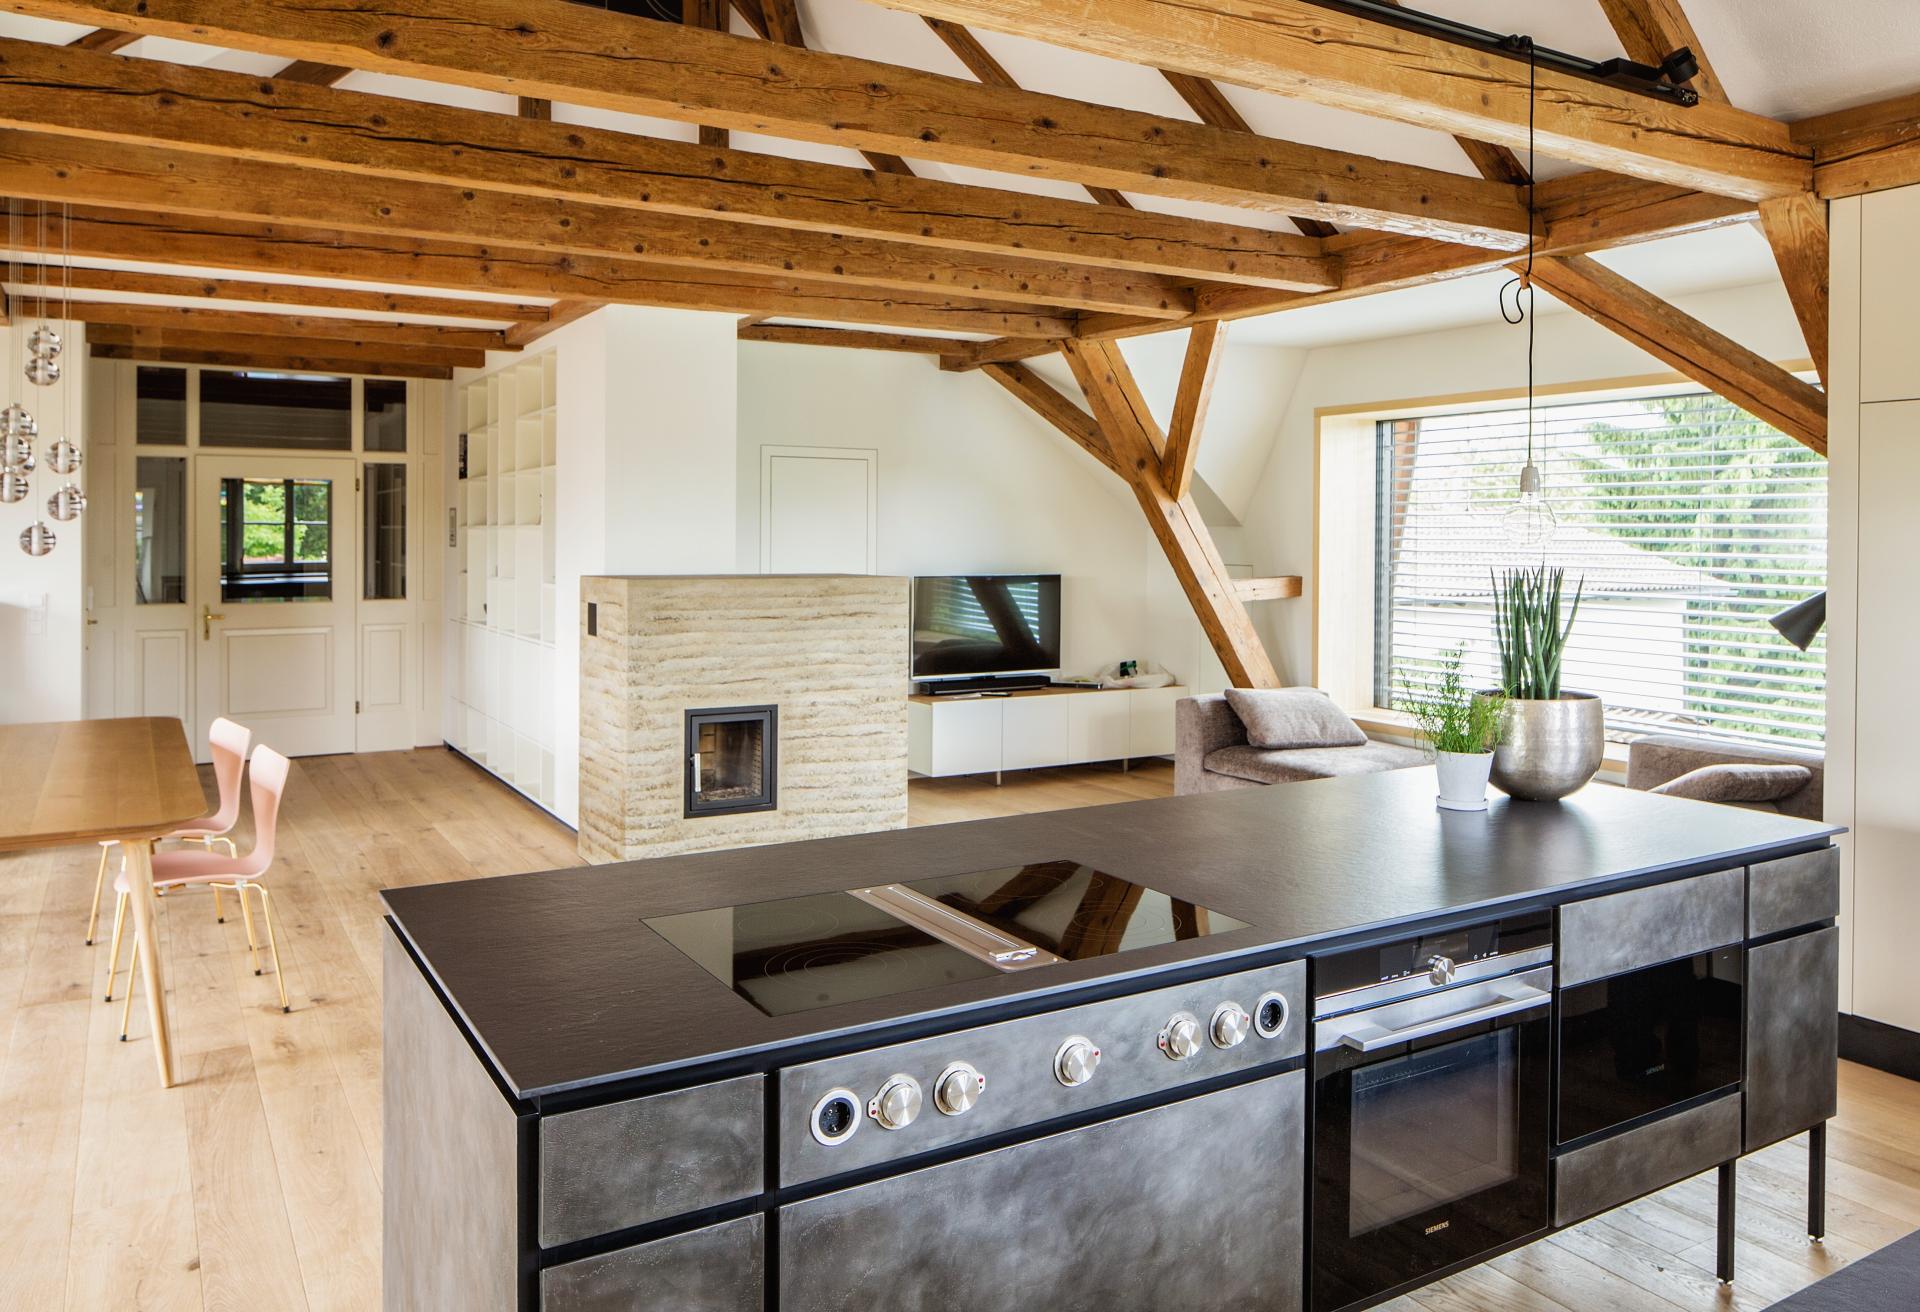 möbelhandwerk | ladenbau vorarlberg - armellini design, Badezimmer